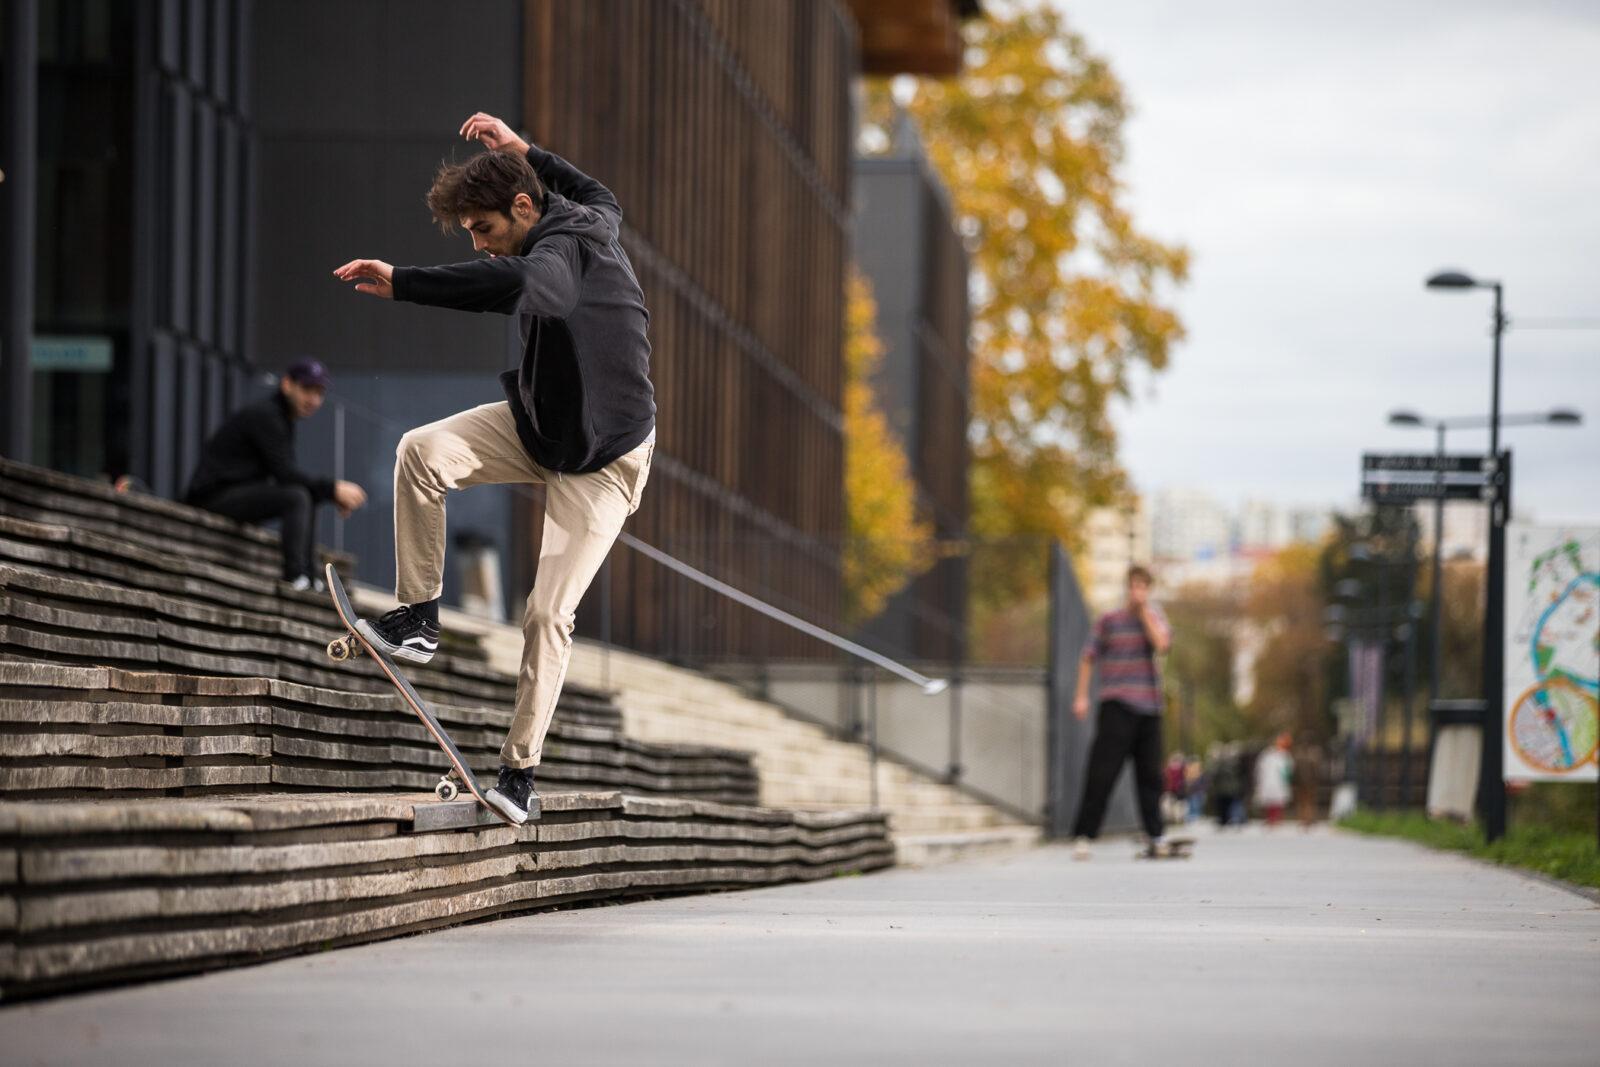 skateboard blunt slide